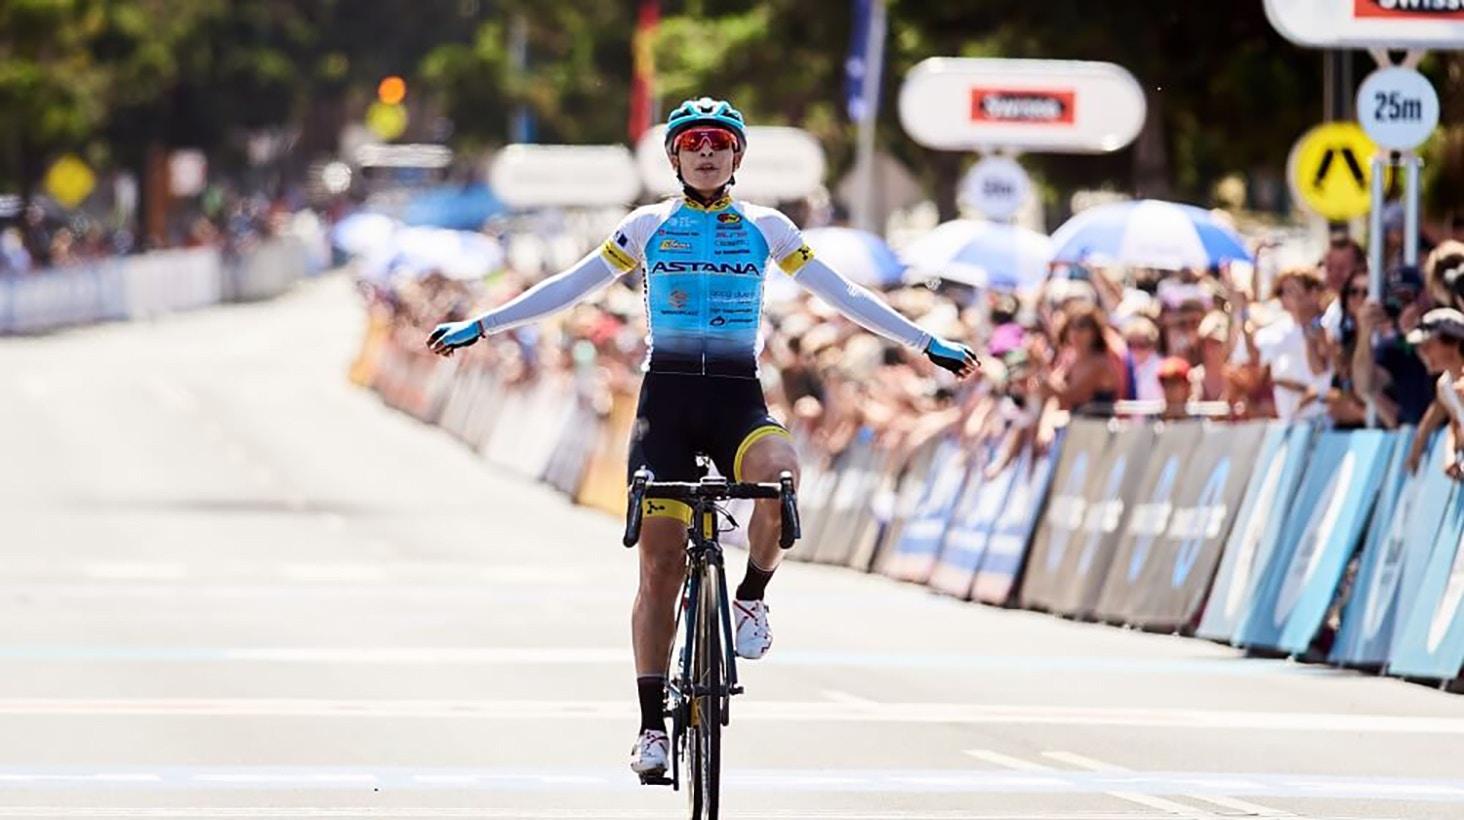 Northwave - Arlenis Sierra claims prestigious win at Cadel Evans race